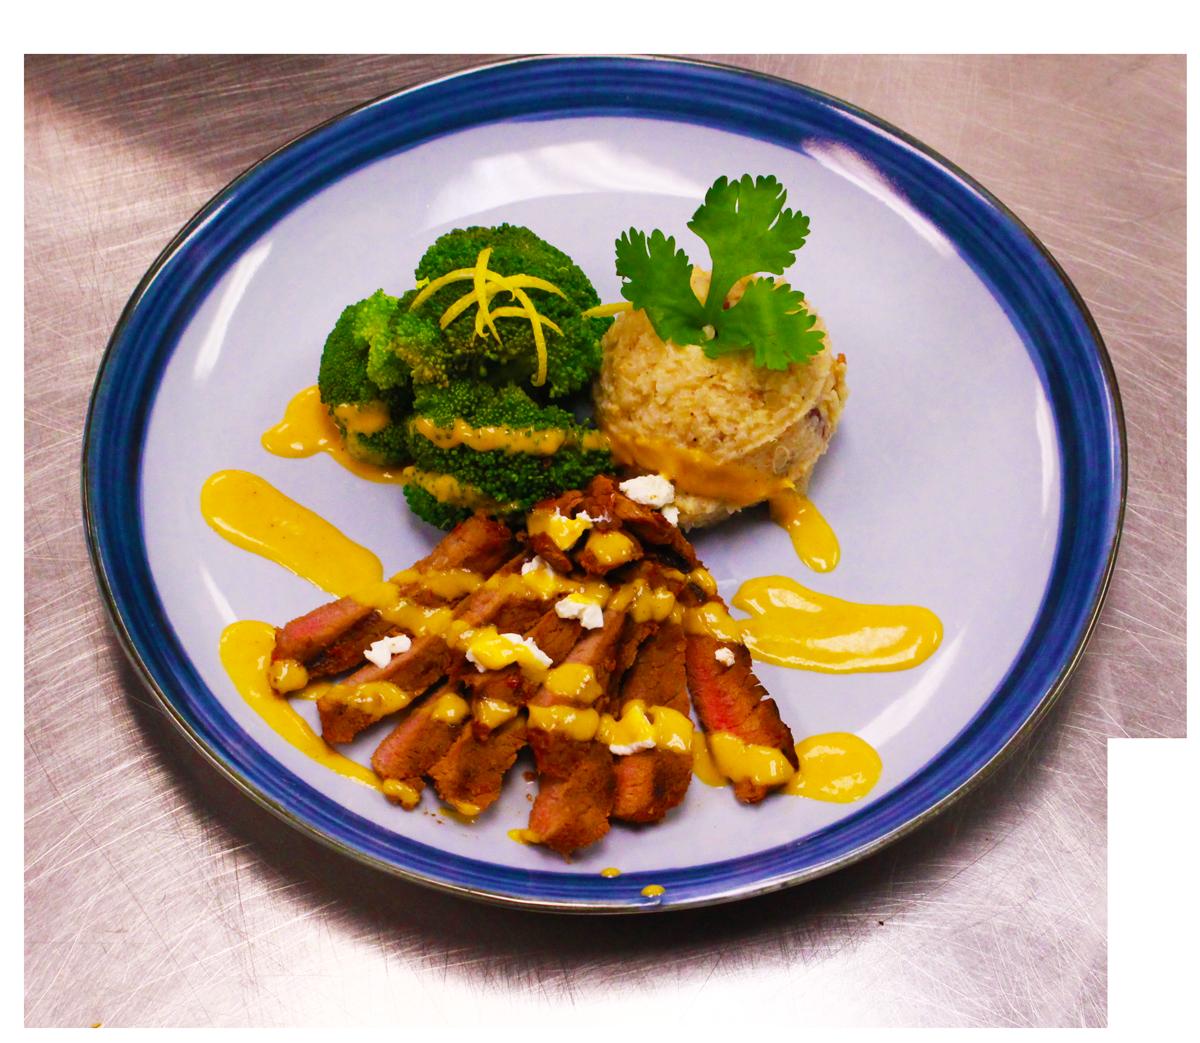 Moroccan Steak w/Mashed Cauliflower